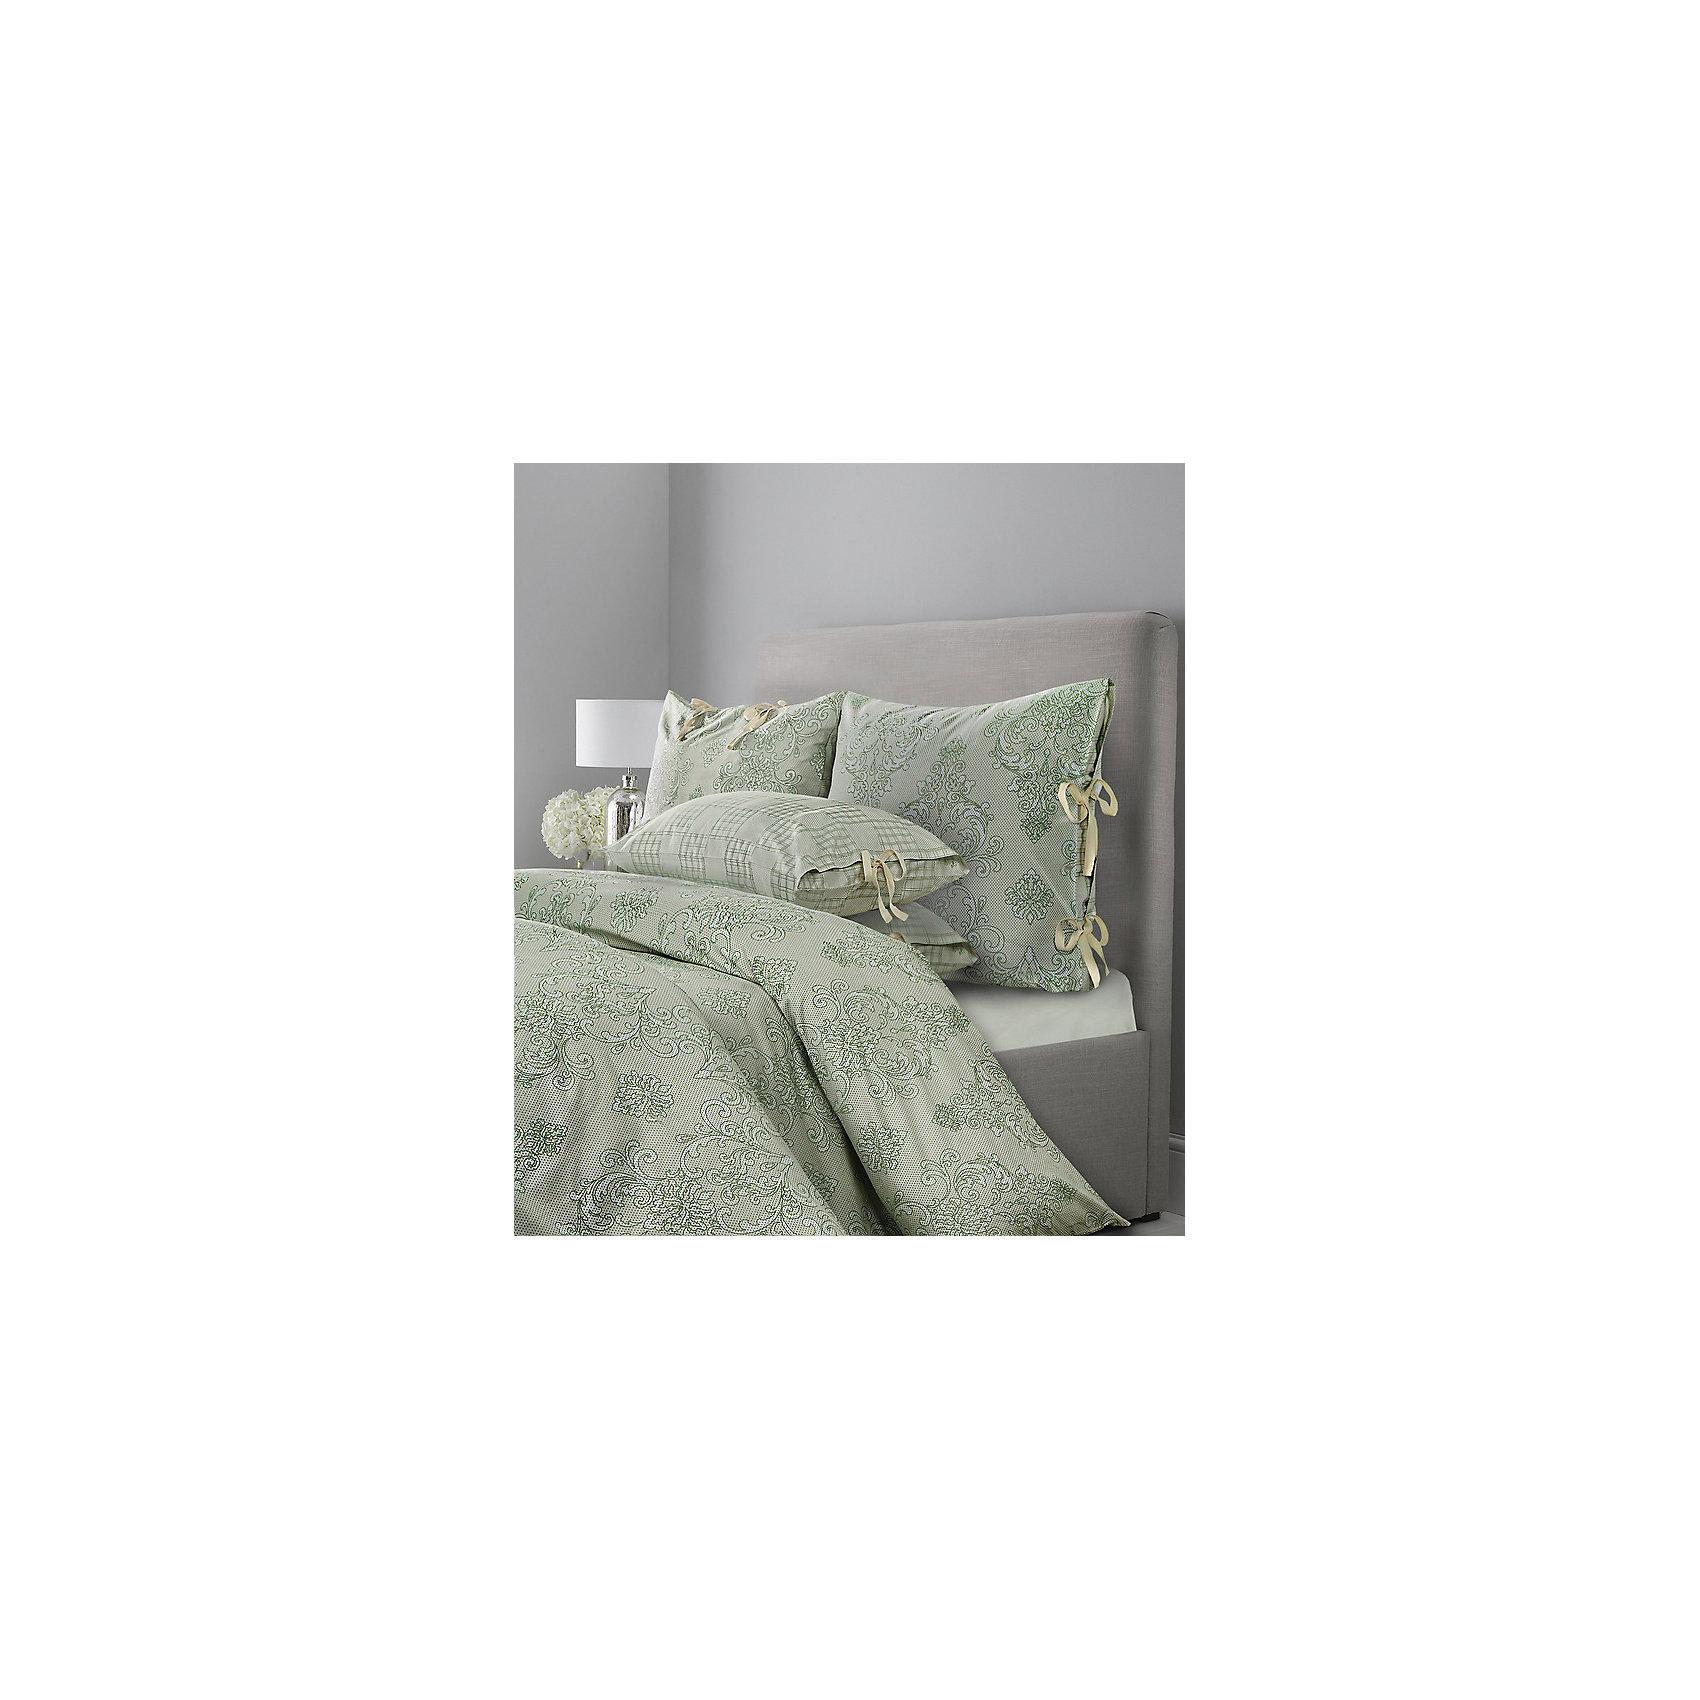 Постельное белье SL Chalet, 2-спальный, 70*70 50х70 сатин, Mona Liza, зеленая оливаДомашний текстиль<br>Характеристики:<br><br>• Вид домашнего текстиля: постельное белье<br>• Тип постельного белья по размерам: 2сп<br>• Серия: Chalet by Serg Look<br>• Сезон: круглый год<br>• Материал: сатин <br>• Цвет: зеленый<br>• Комплектация: <br> пододеяльник – 1 шт. 175*210 см <br> простынь – 1 шт. 215*240 см<br> наволочки – 4 шт. (2 шт. 70*70 см и 2 шт. 50*70 см)<br>• Тип упаковки: книжка <br>• Вес в упаковке: 2 кг 900 г<br>• Особенности ухода: машинная стирка при температуре 30 градусов<br><br>Постельное белье 2сп SL Chalet 70*70 50х70 сатин, Mona Liza, зеленая олива изготовлено под отечественным торговым брендом, выпускающим постельное белье из натуральных тканей. Комплект выполнен из сатина, обладающего особой мягкостью, шелковистостью поверхности, хорошими износоустойчивыми свойствами. Изделия из сатина очень долгое время сохраняютформу и фактуру даже при частых стирках. Комплектсостоит из 6-ти предметов: простыни, пододеяльника и четырех наволочек. Комплект выполнен в стильном дизайне с нежным ажурным рисунком.<br>Постельное белье 2сп SL Chalet 70*70 50х70 сатин, Mona Liza, зеленая олива – домашний текстиль, соответствующий международным стандартам качества и безопасности!<br><br>Постельное белье 2сп SL Chalet 70*70 50х70 сатин, Mona Liza, зеленая олива можно купить в нашем интернет-магазине.<br><br>Ширина мм: 290<br>Глубина мм: 80<br>Высота мм: 370<br>Вес г: 2700<br>Возраст от месяцев: 84<br>Возраст до месяцев: 1188<br>Пол: Унисекс<br>Возраст: Детский<br>SKU: 5165668